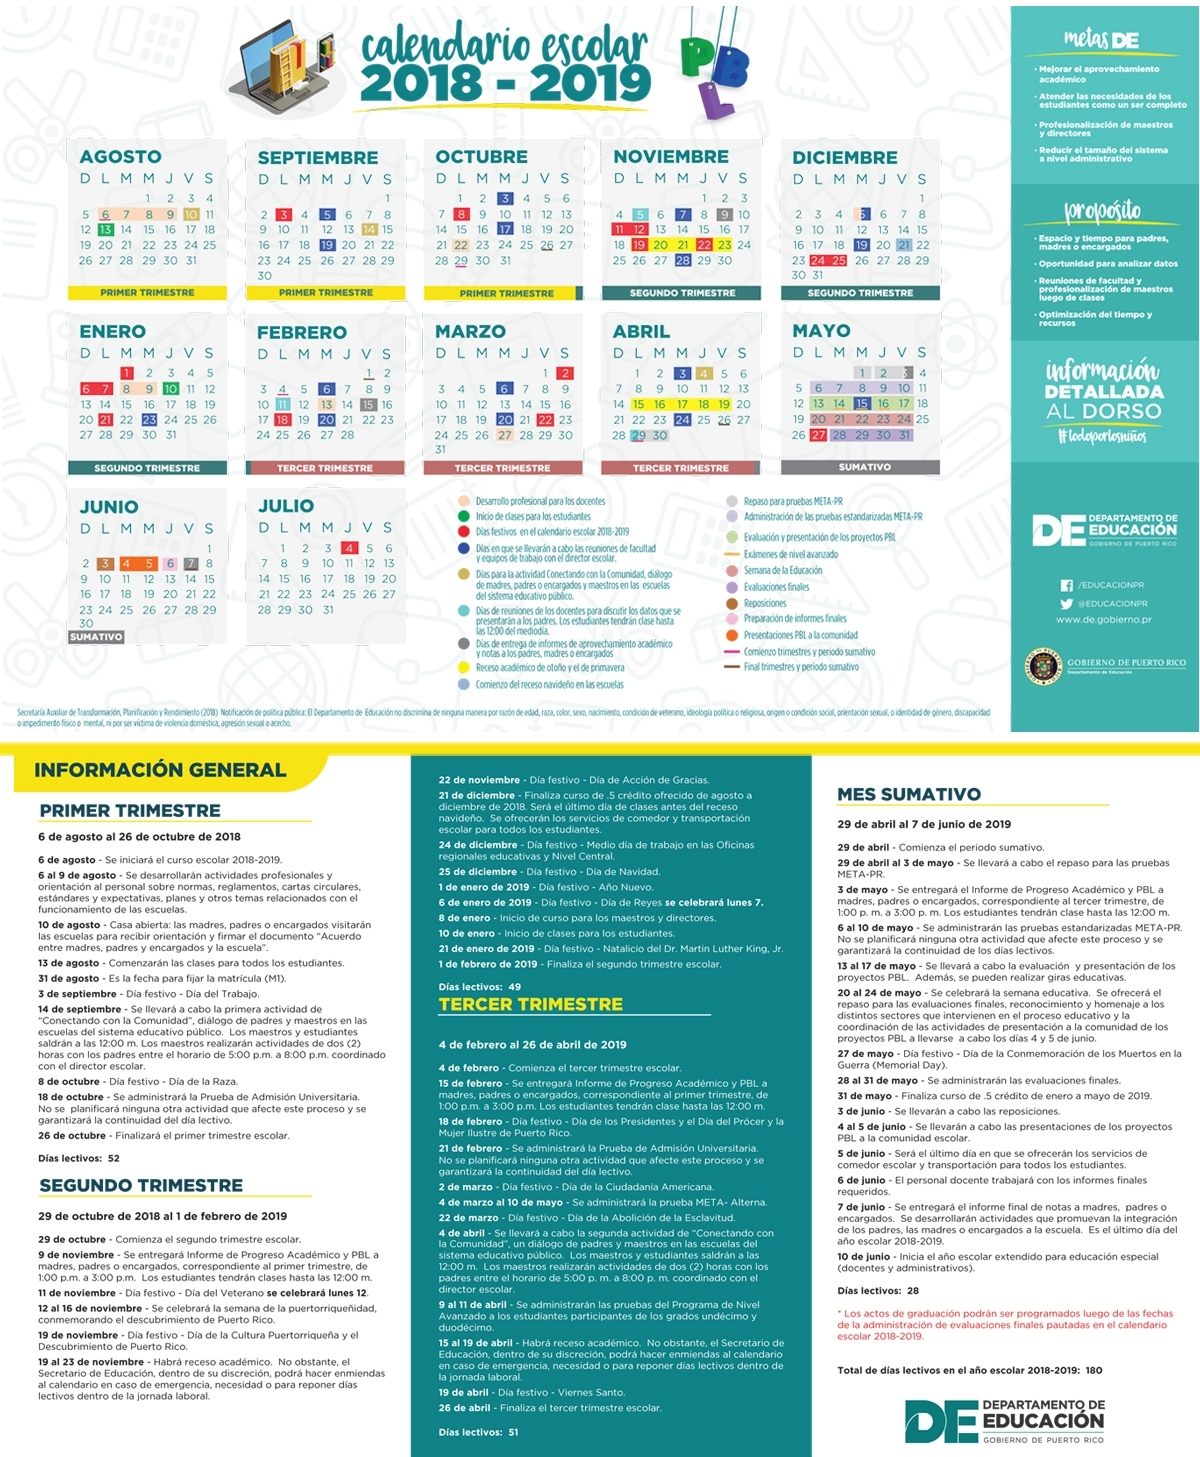 Calendario 2020 Puerto Rico Dias Feriados - Calendario 2019